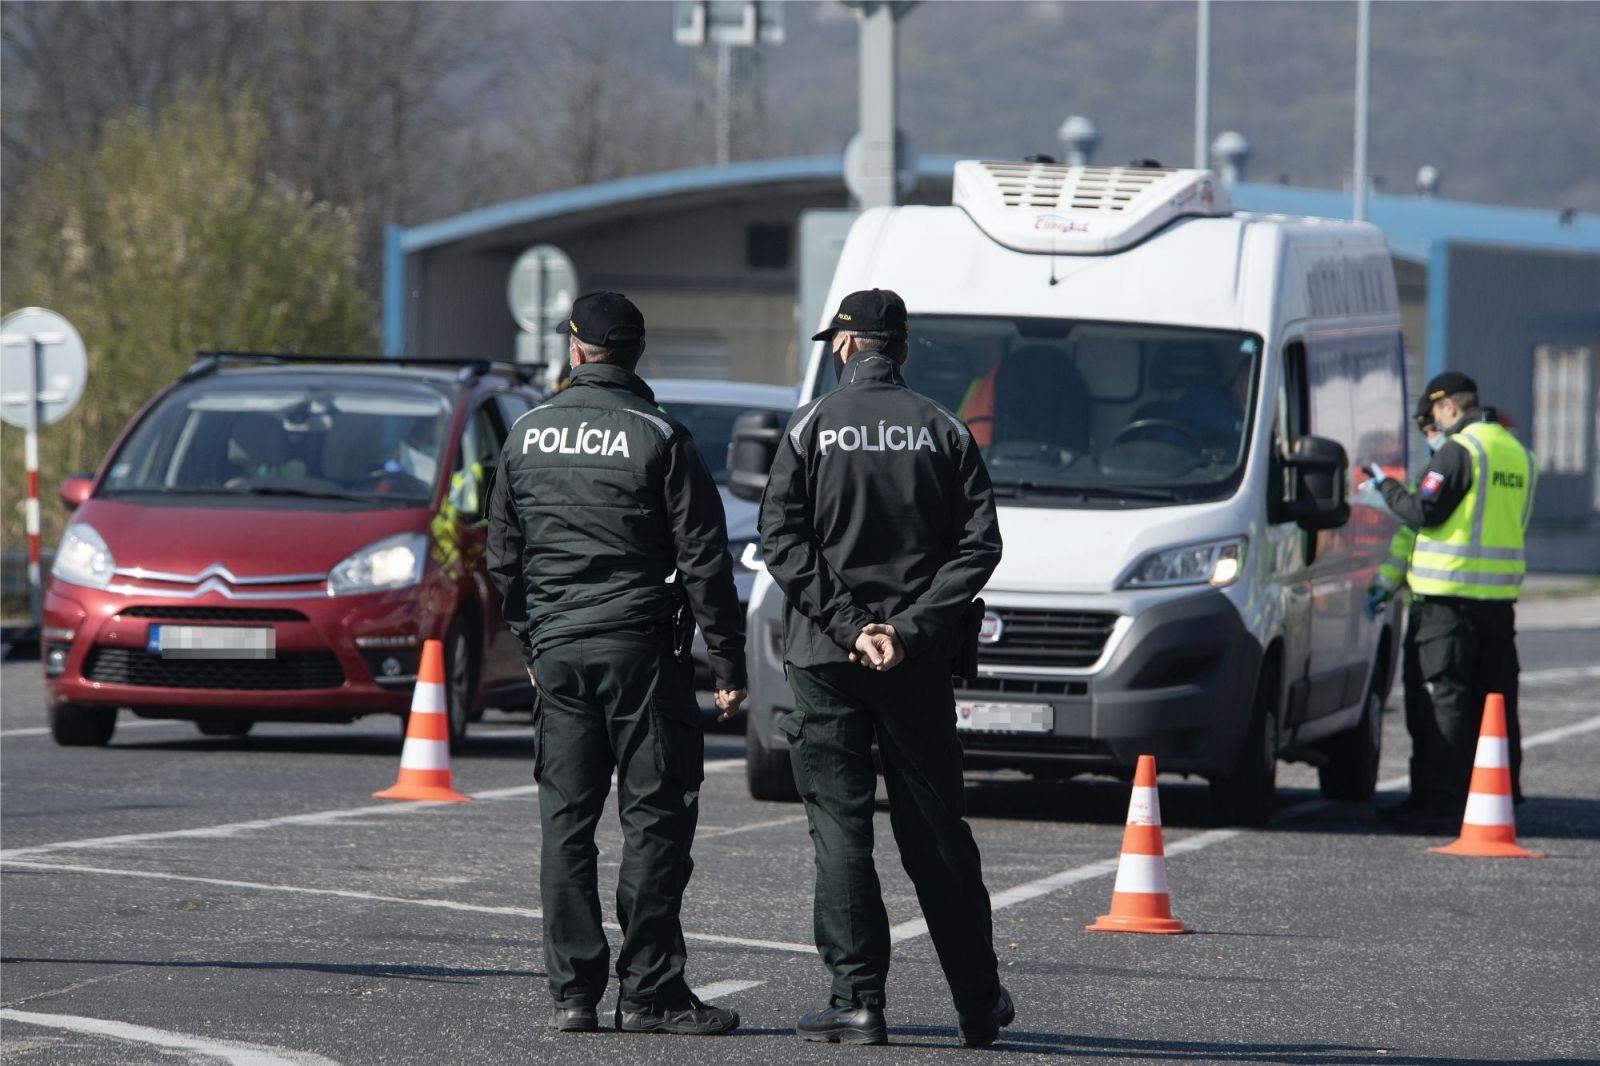 KORONA NAŽIVO: Strojárne v Detve chcú prepustiť vyše 700 zamestnancov, na Slovensku včera pozitívne testovali ďalších 49 ľudí